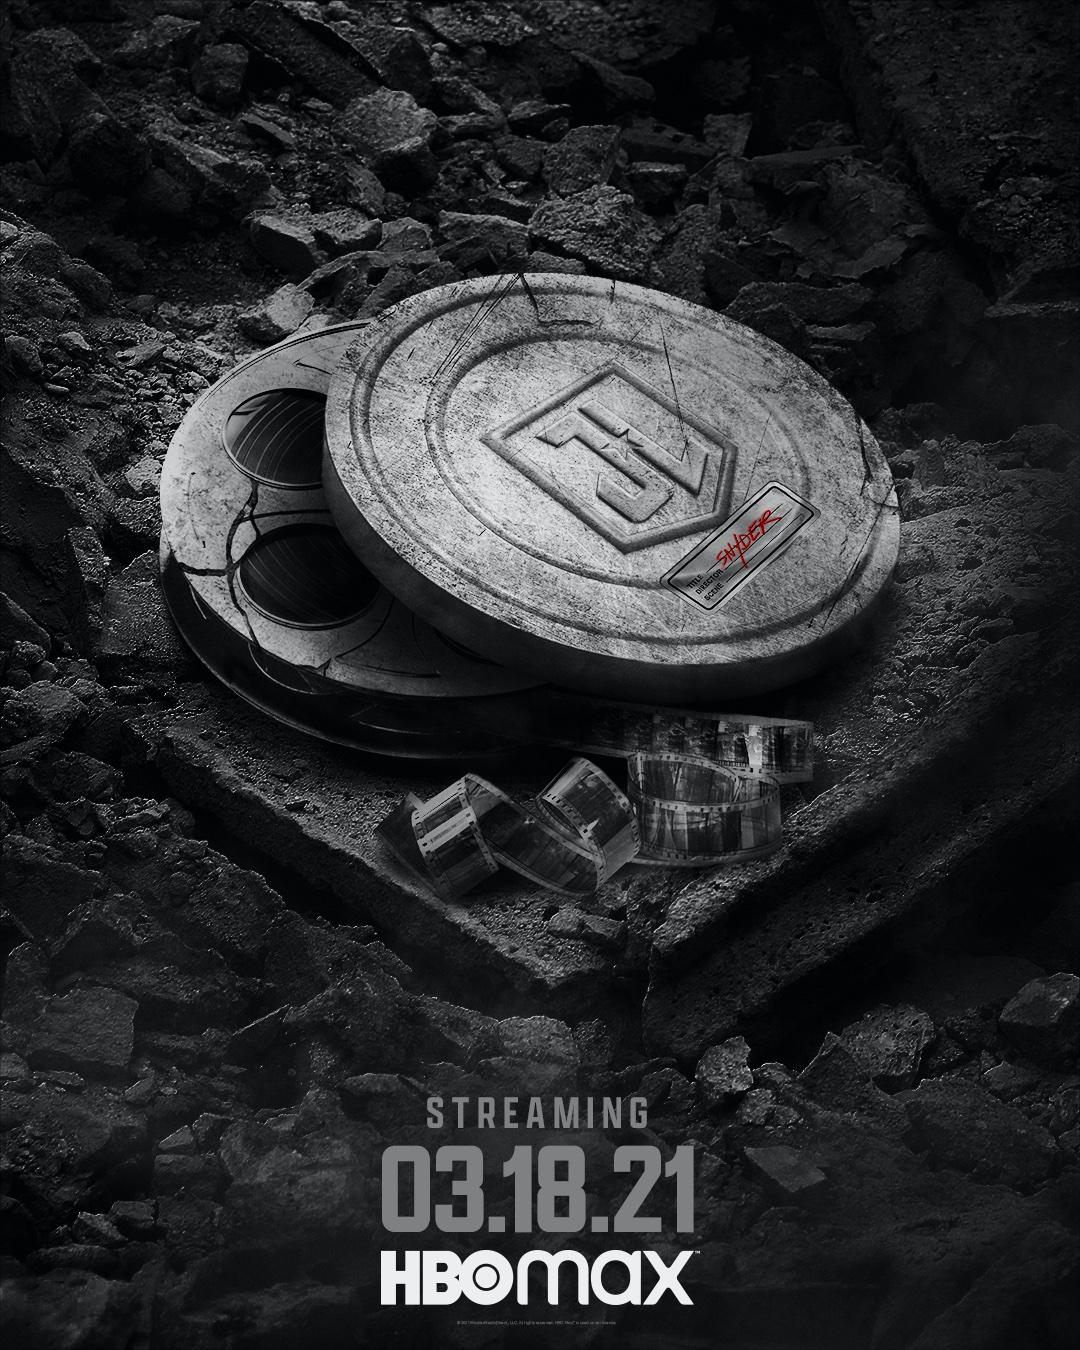 Tất tần tật những gì bạn cần biết về Justice League của Zack Snyder, bom  tấn sẽ ra mắt vào ngày 18/3 tới đây